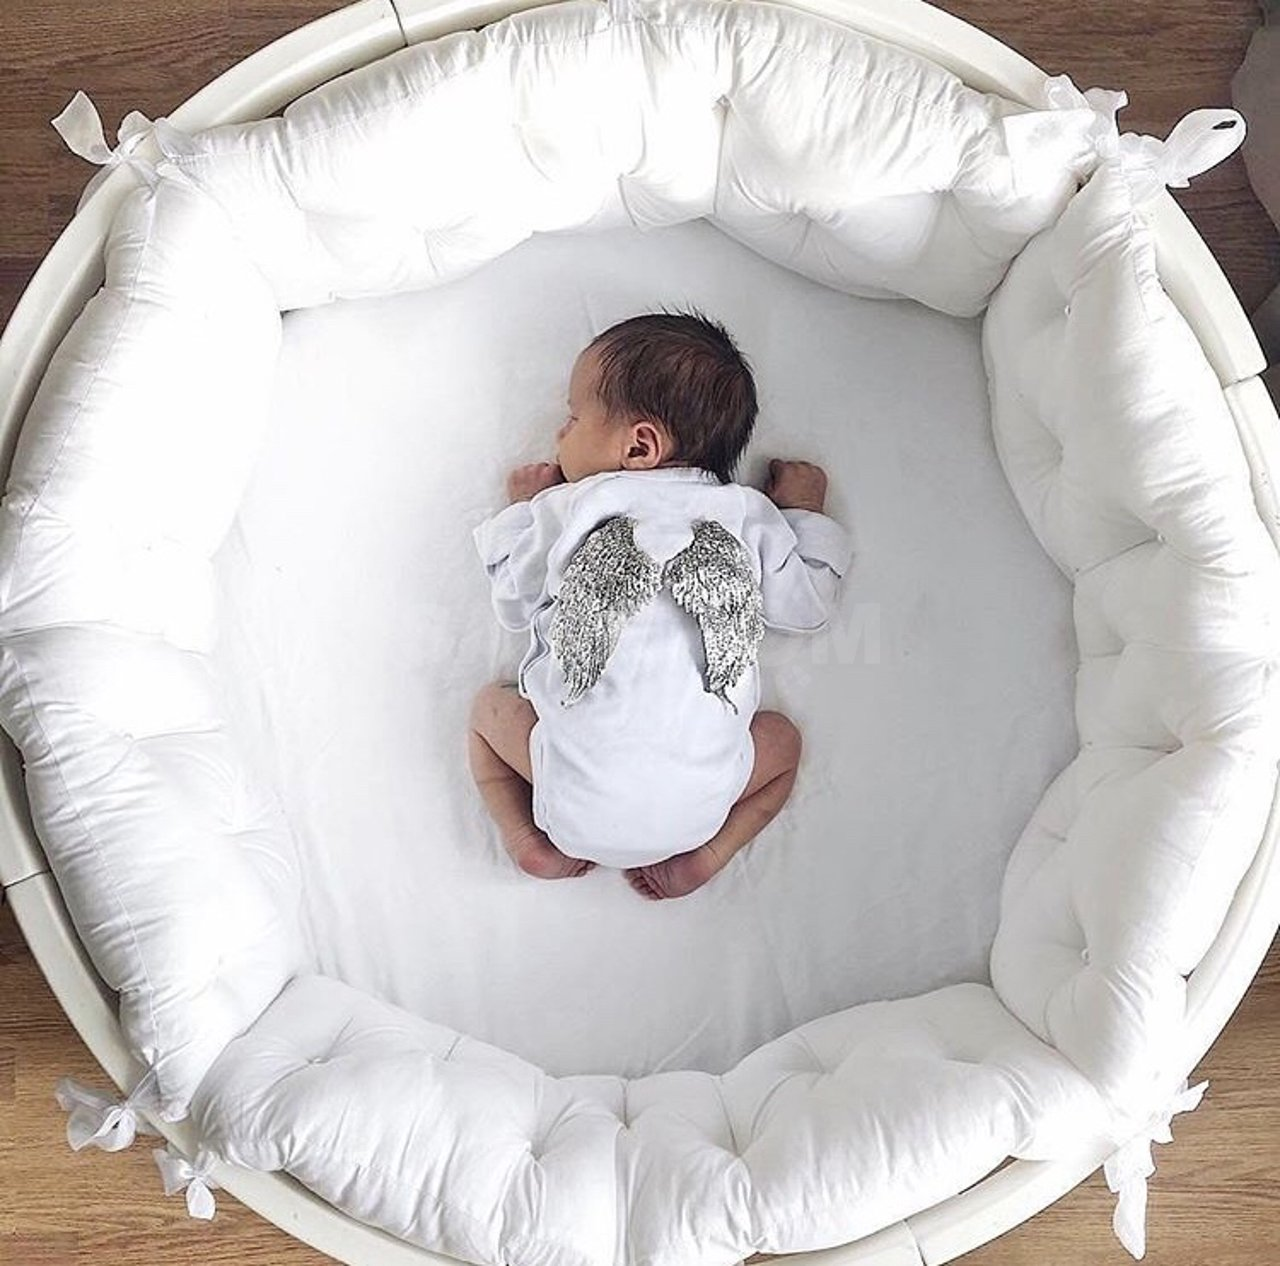 Новорожденный в круглой кровати